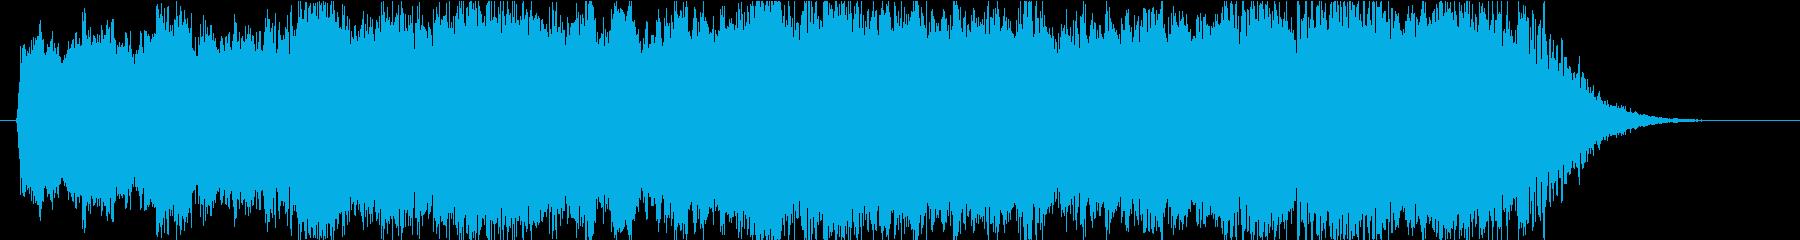 メロトロンとストリングスの幻想的な曲の再生済みの波形